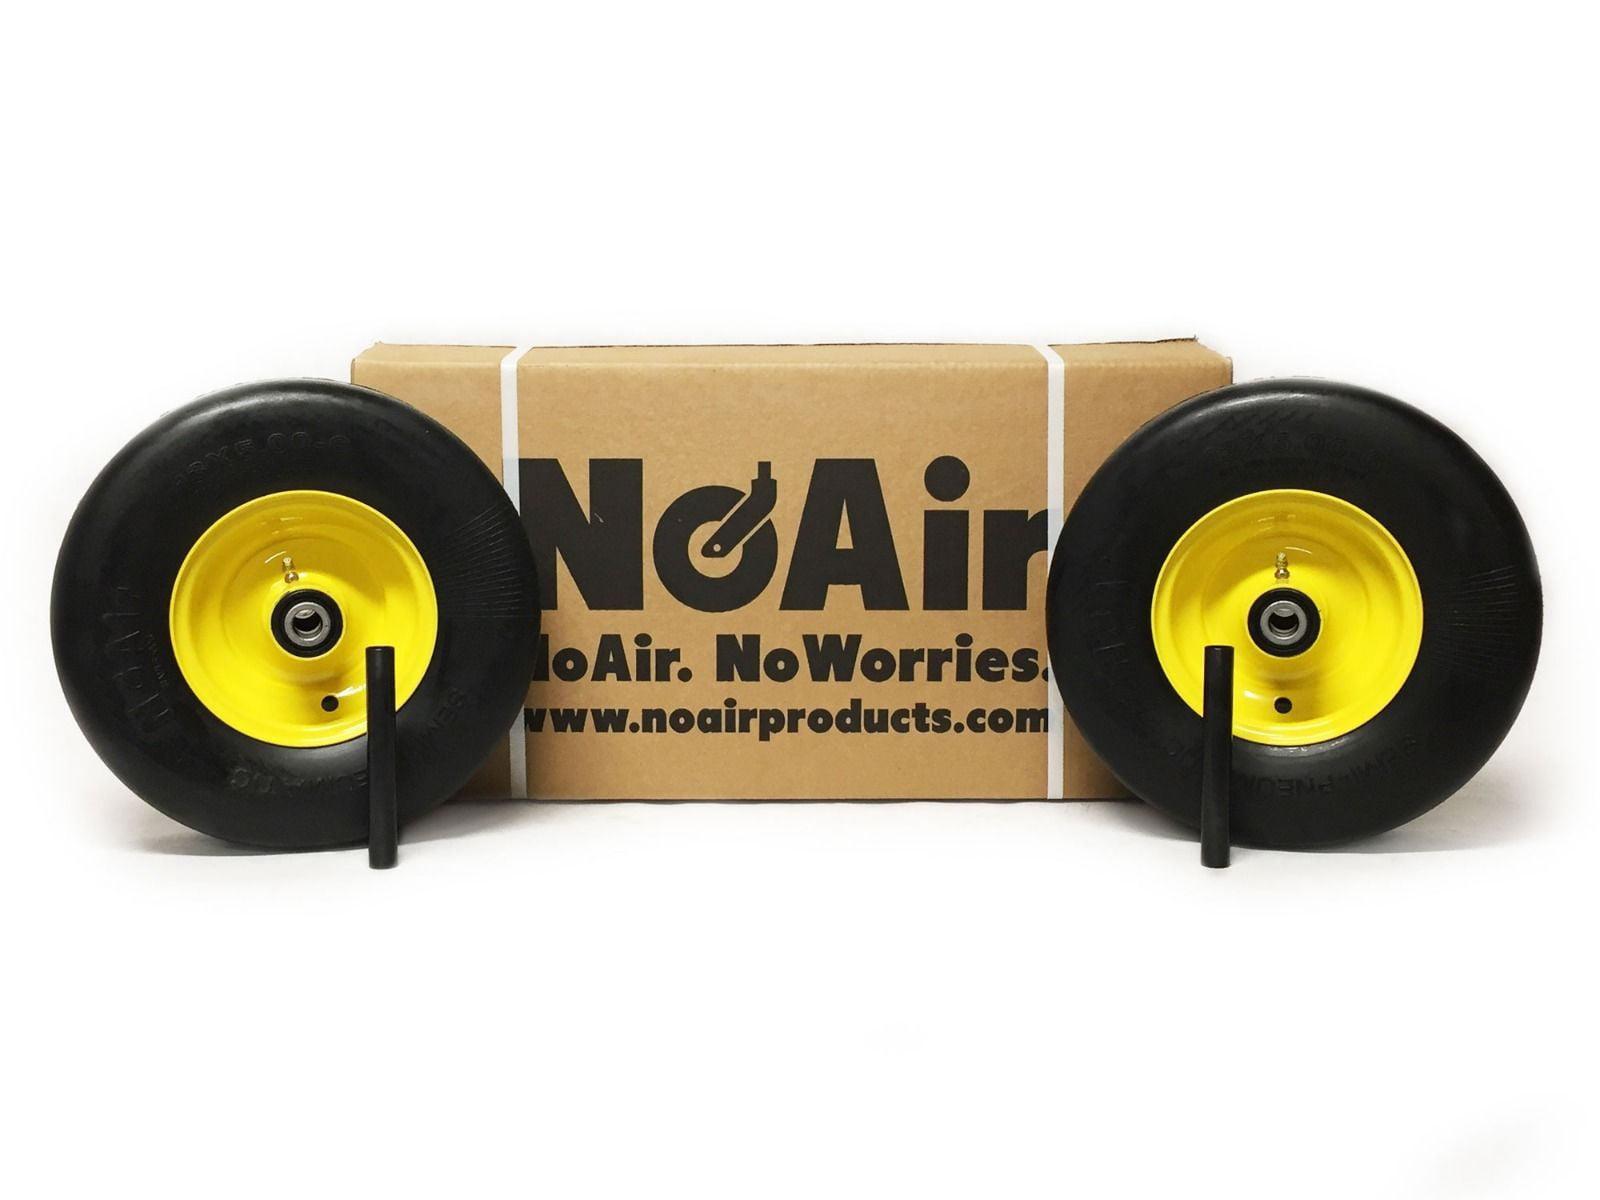 2 John Deere Pneumatic Wheel Assemblies 13x5.00-6 Replaces AM138762